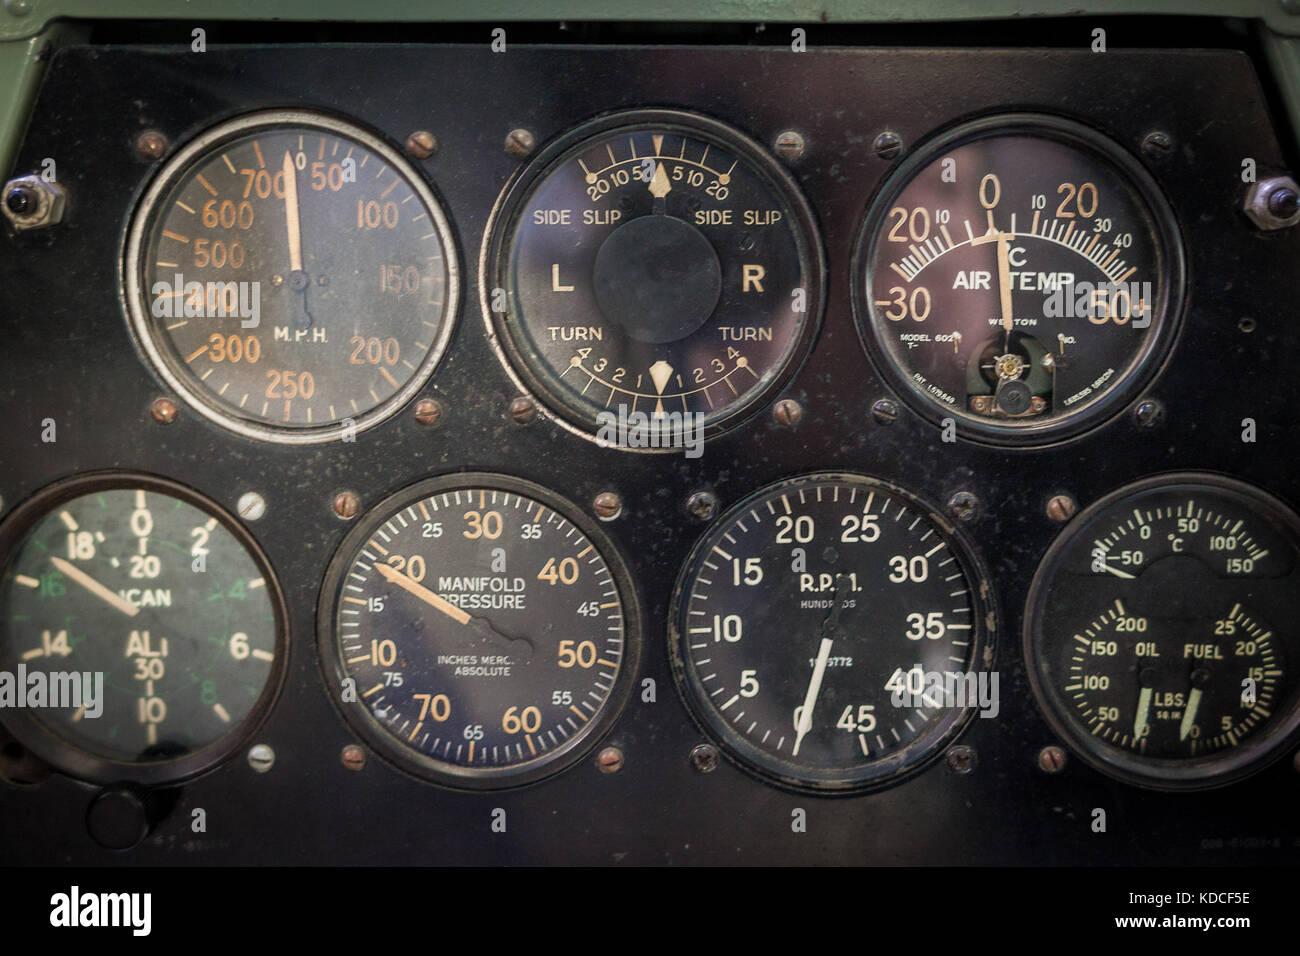 Aircraft aviation gauges of an old aircraft closeup - Stock Image